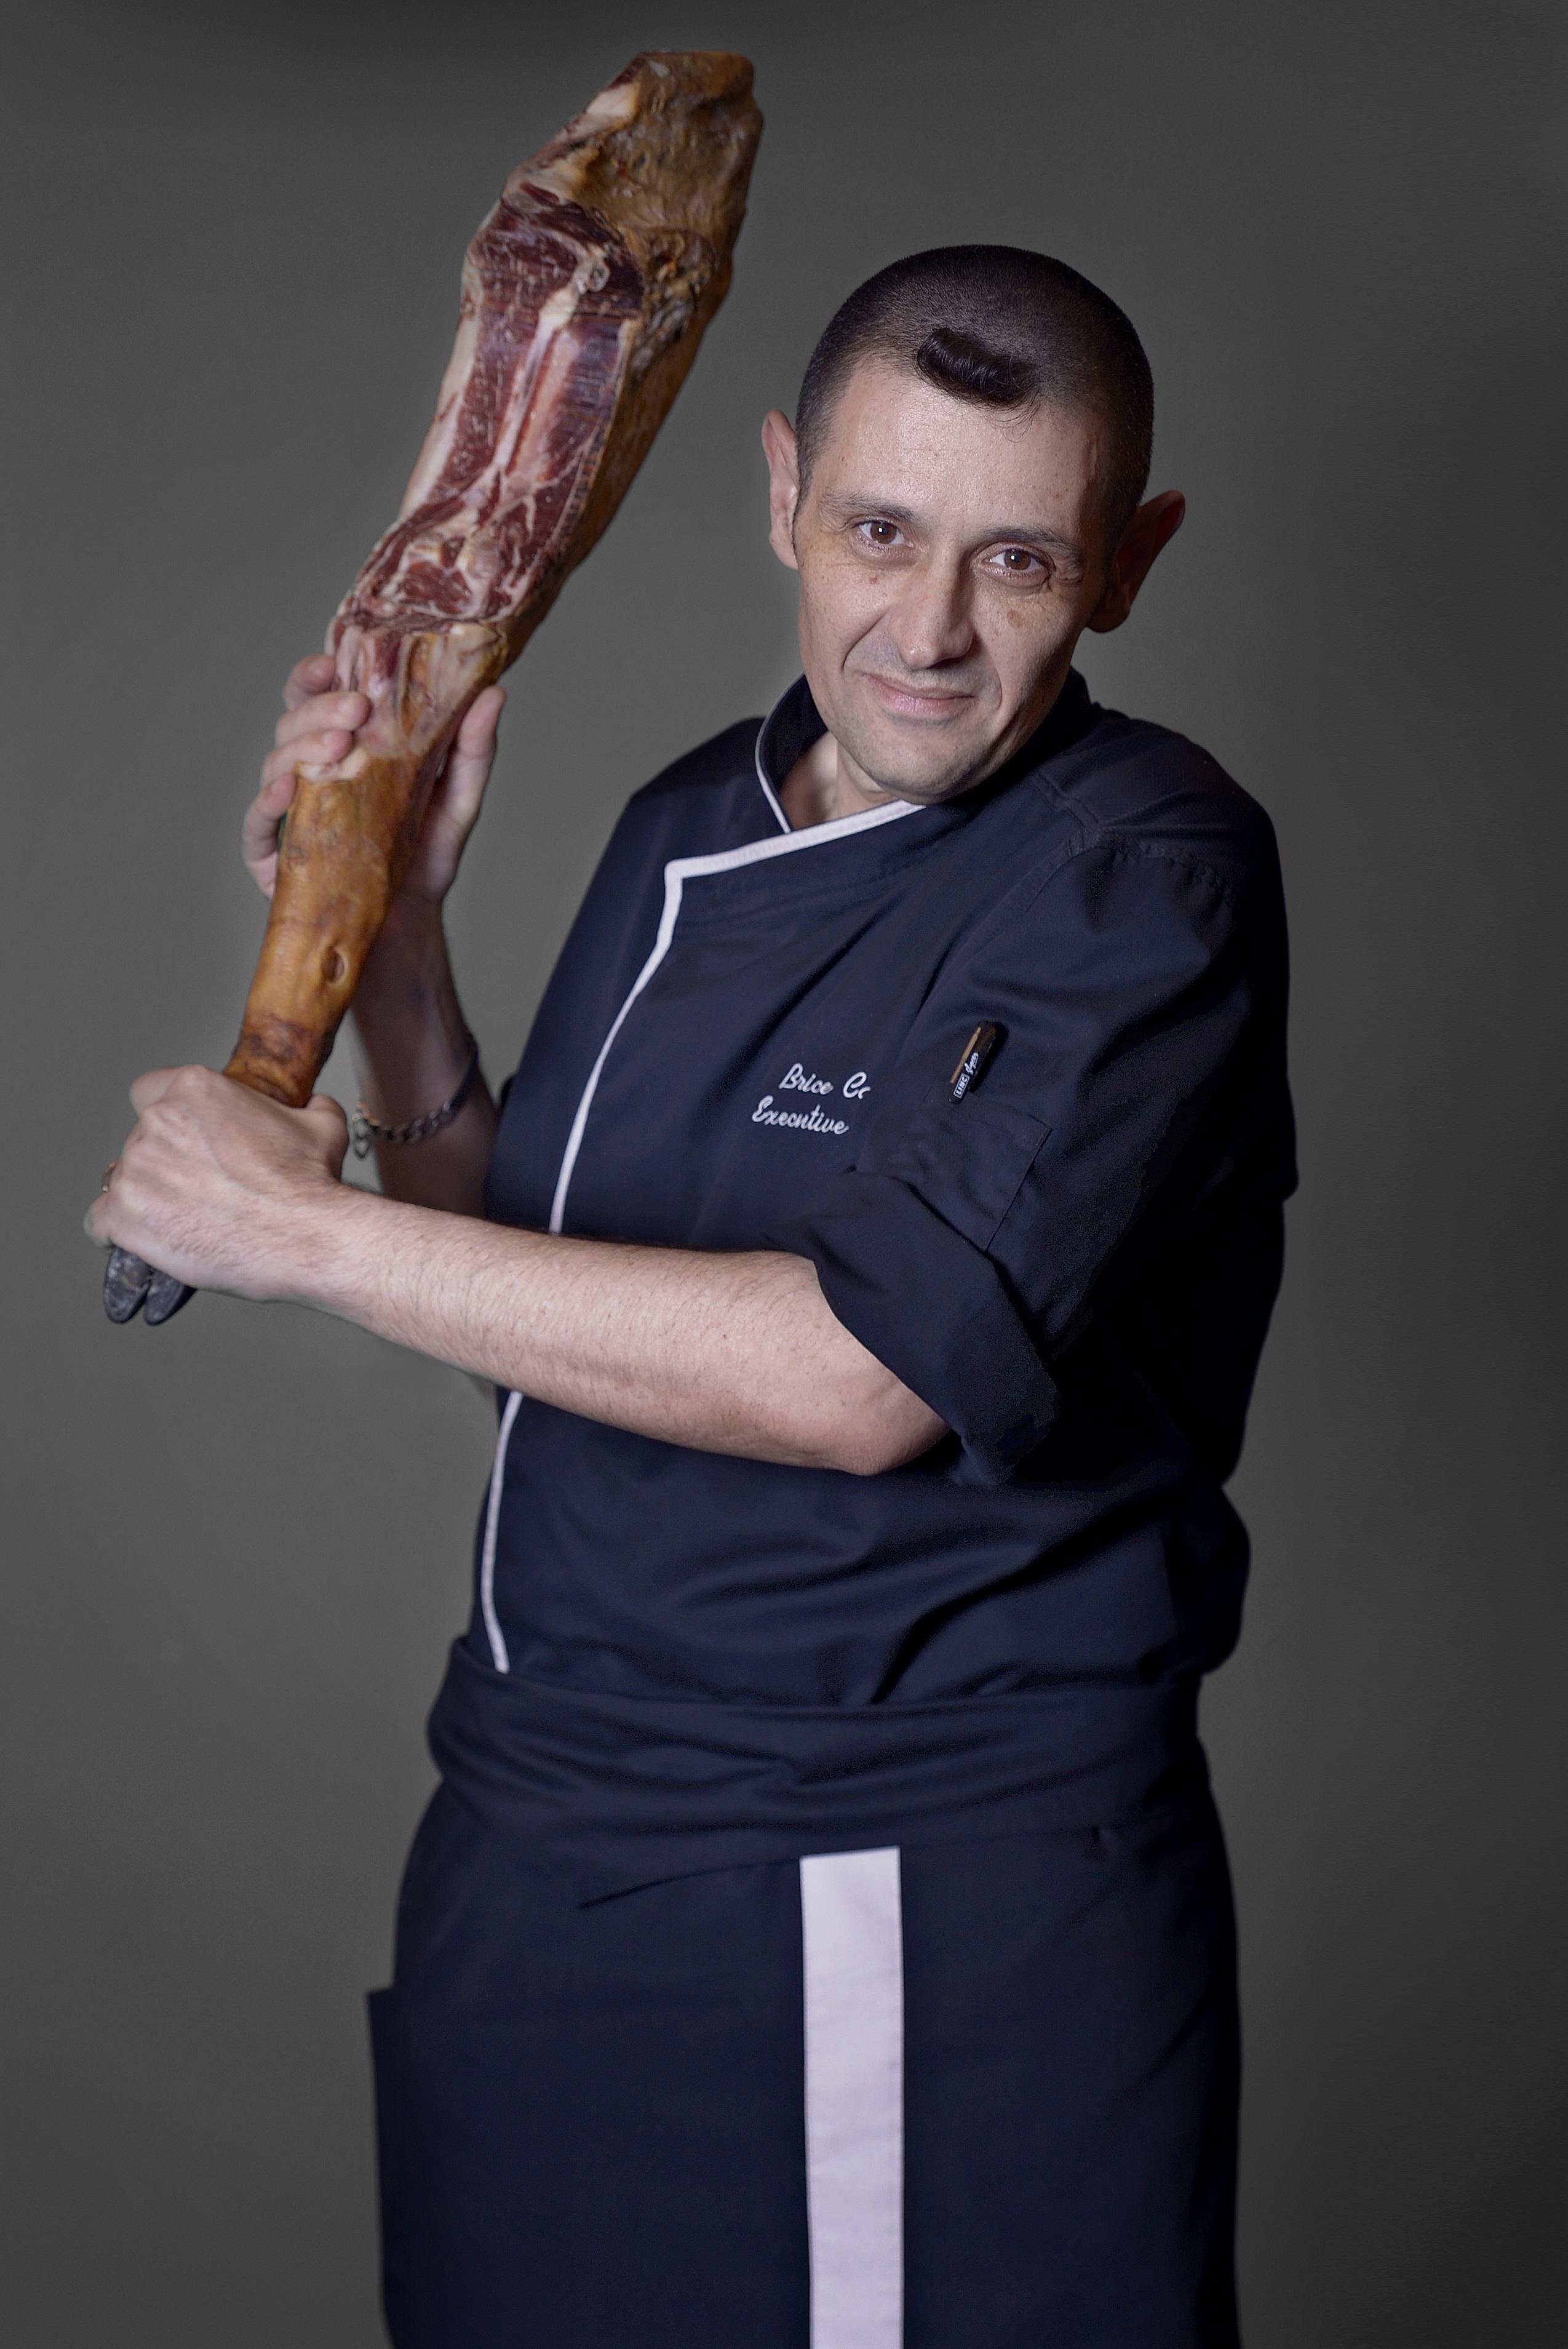 Chef Brice.jpg